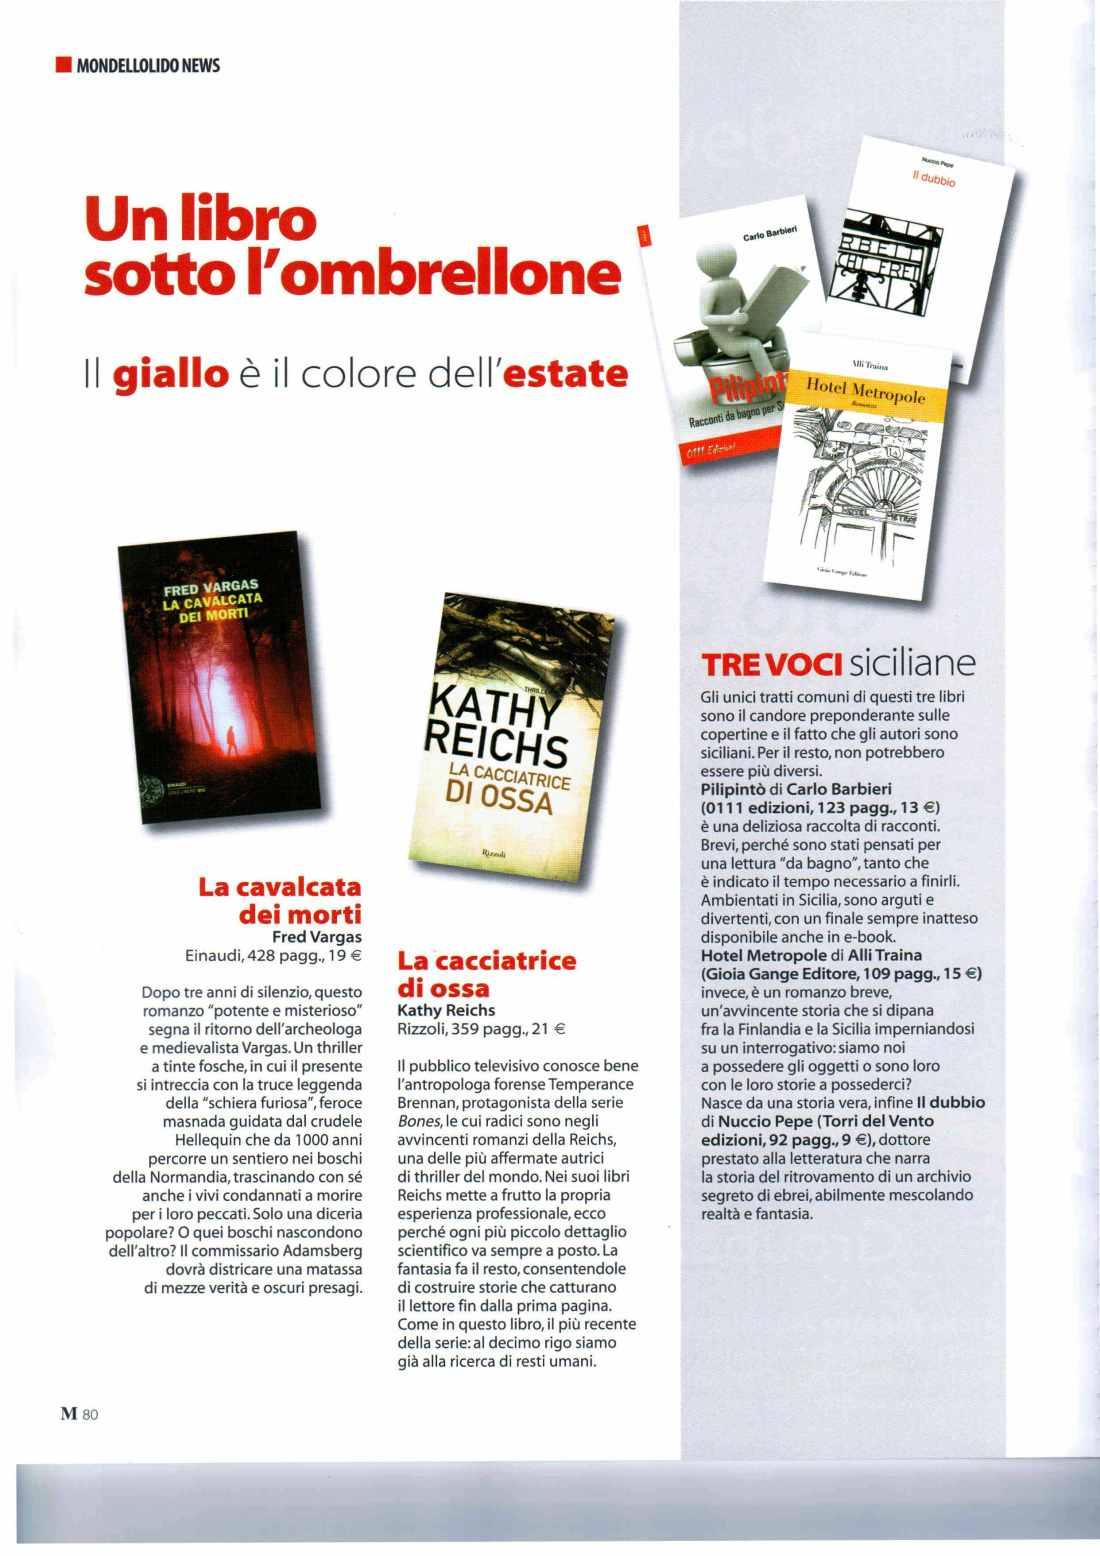 Recensione Mondello News Agosto 2011